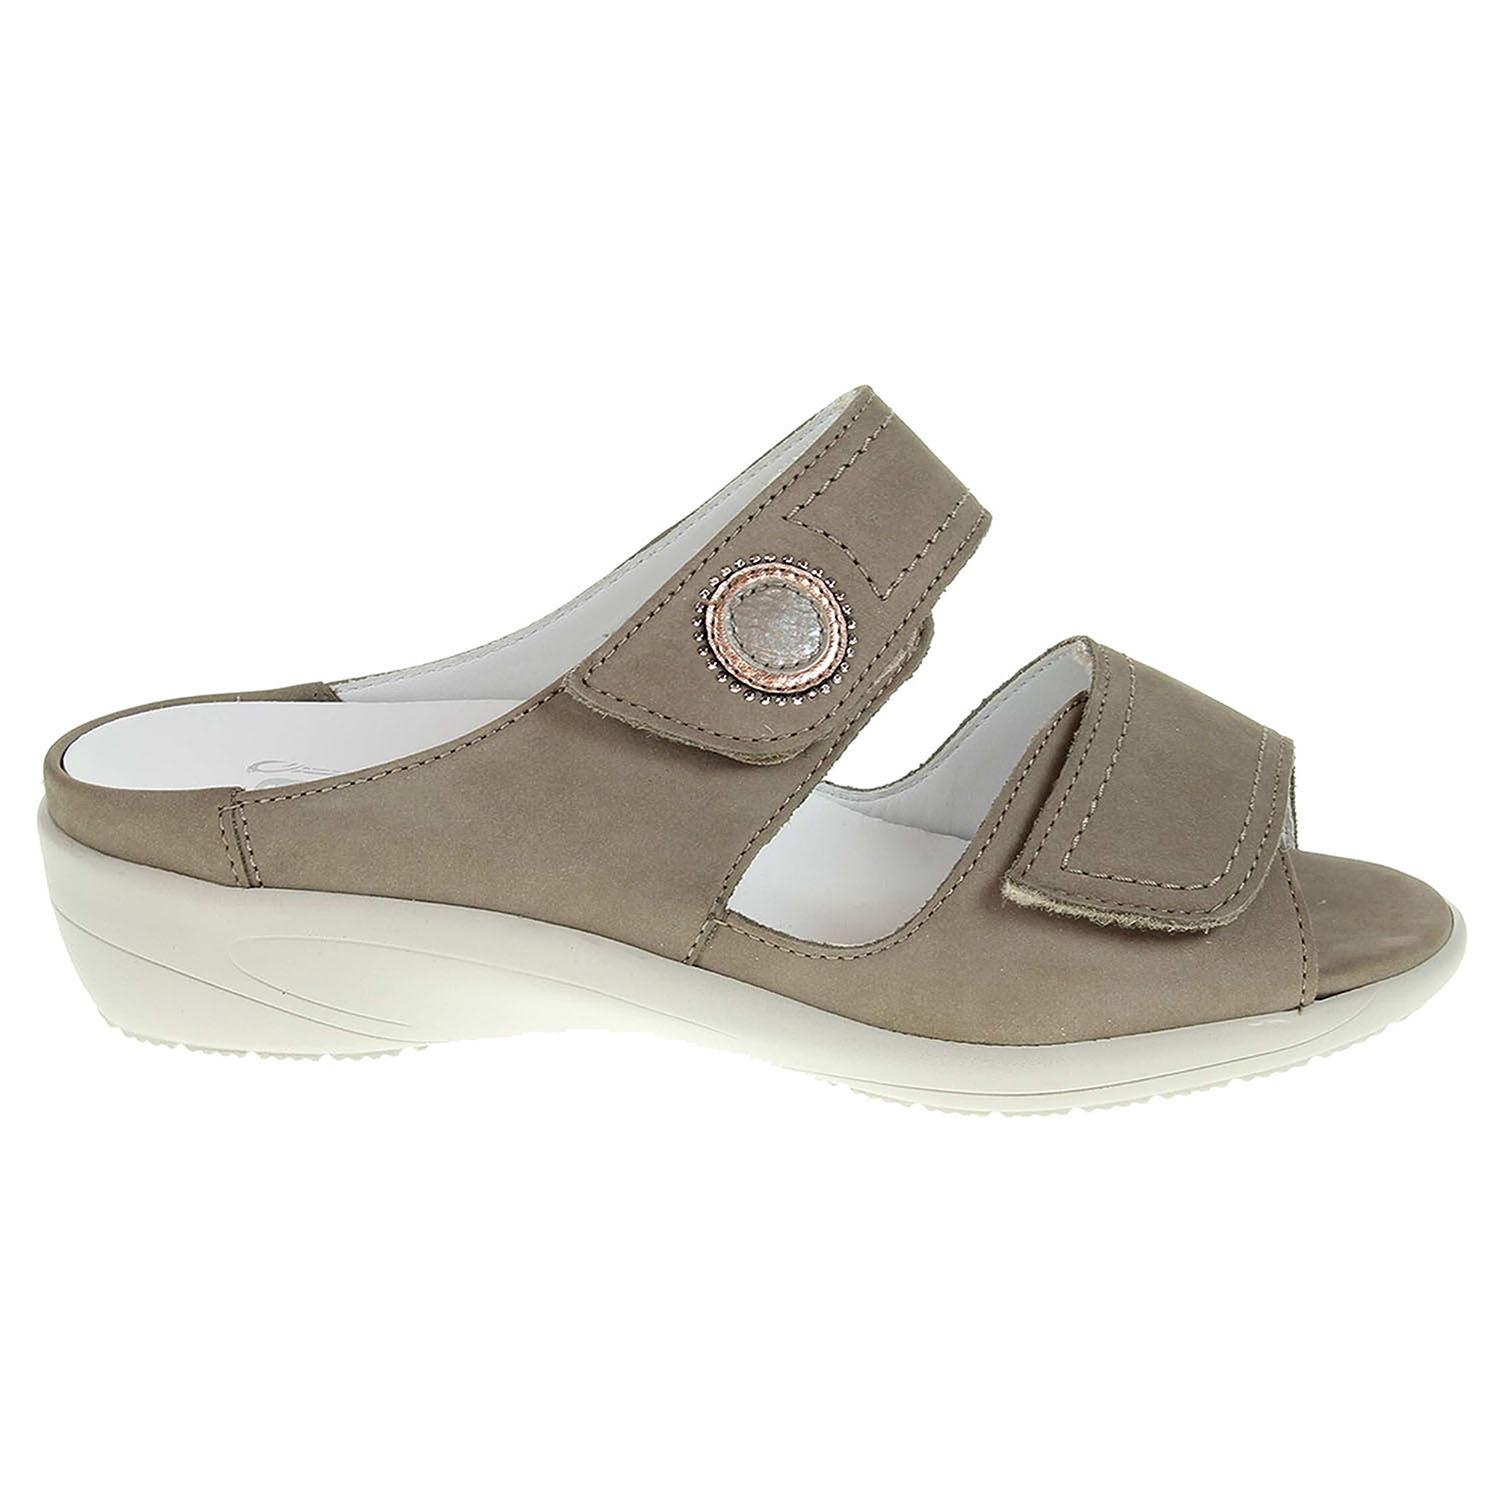 Ecco Ara dámské pantofle 37580-06 šedé 23600809